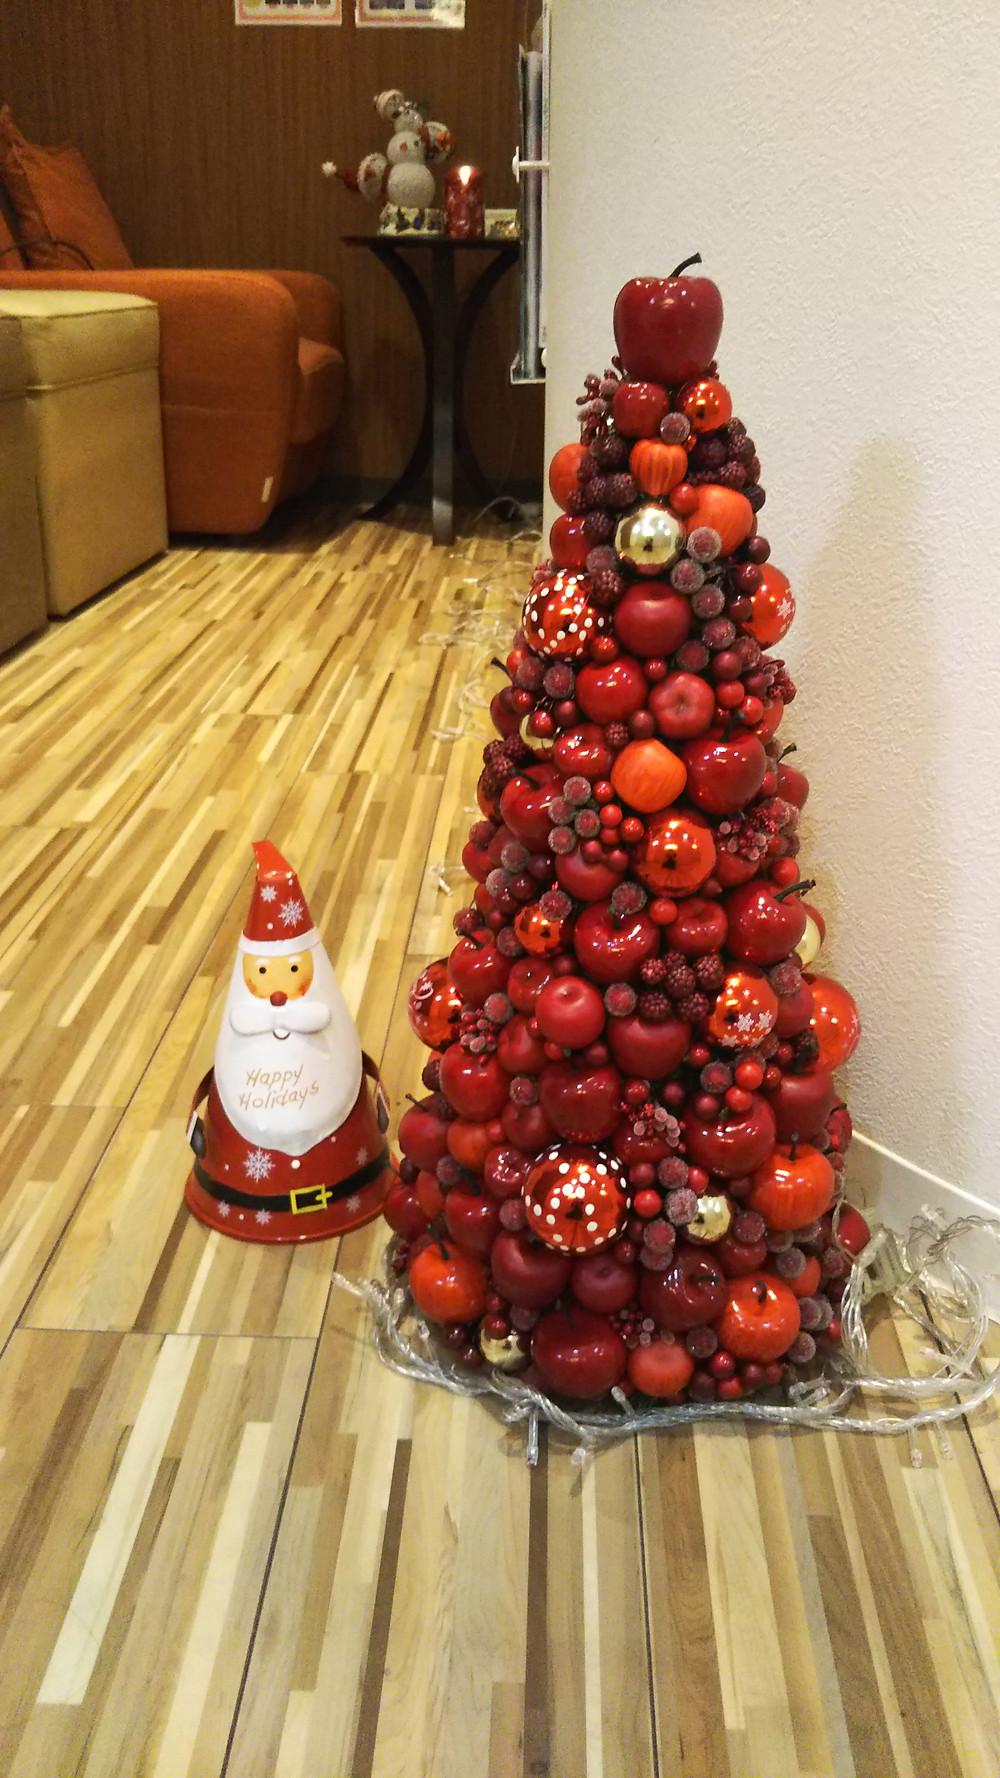 ザ リラックスサロンの店内もクリスマス模様です。